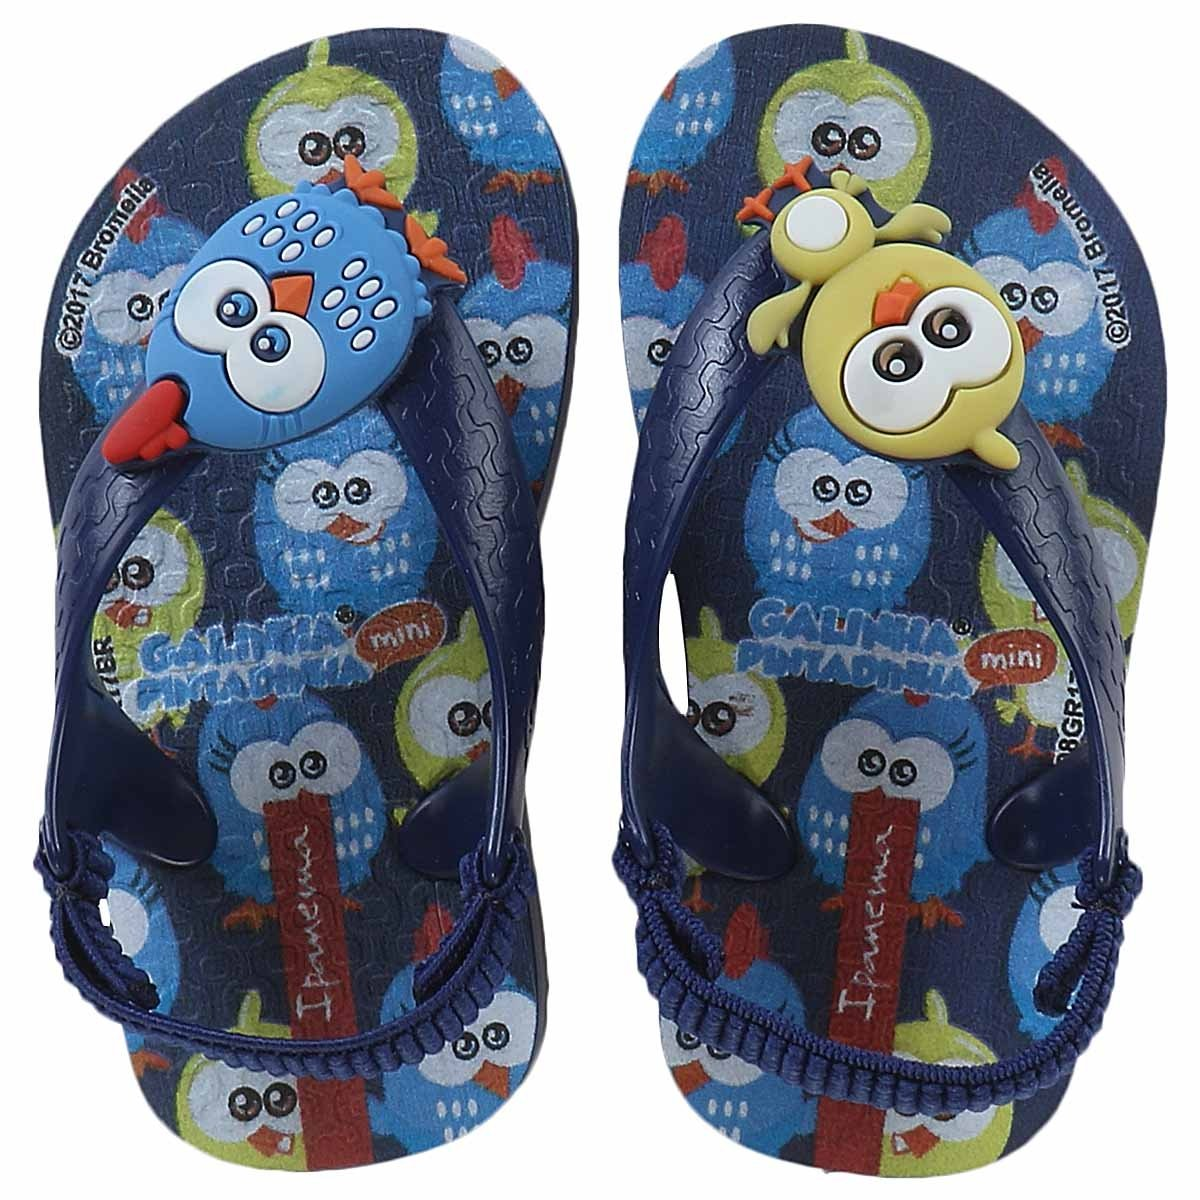 4411d02b0 Chinelo Ipanema Infantil Galinha Pintadinha - Compre Agora | Netshoes